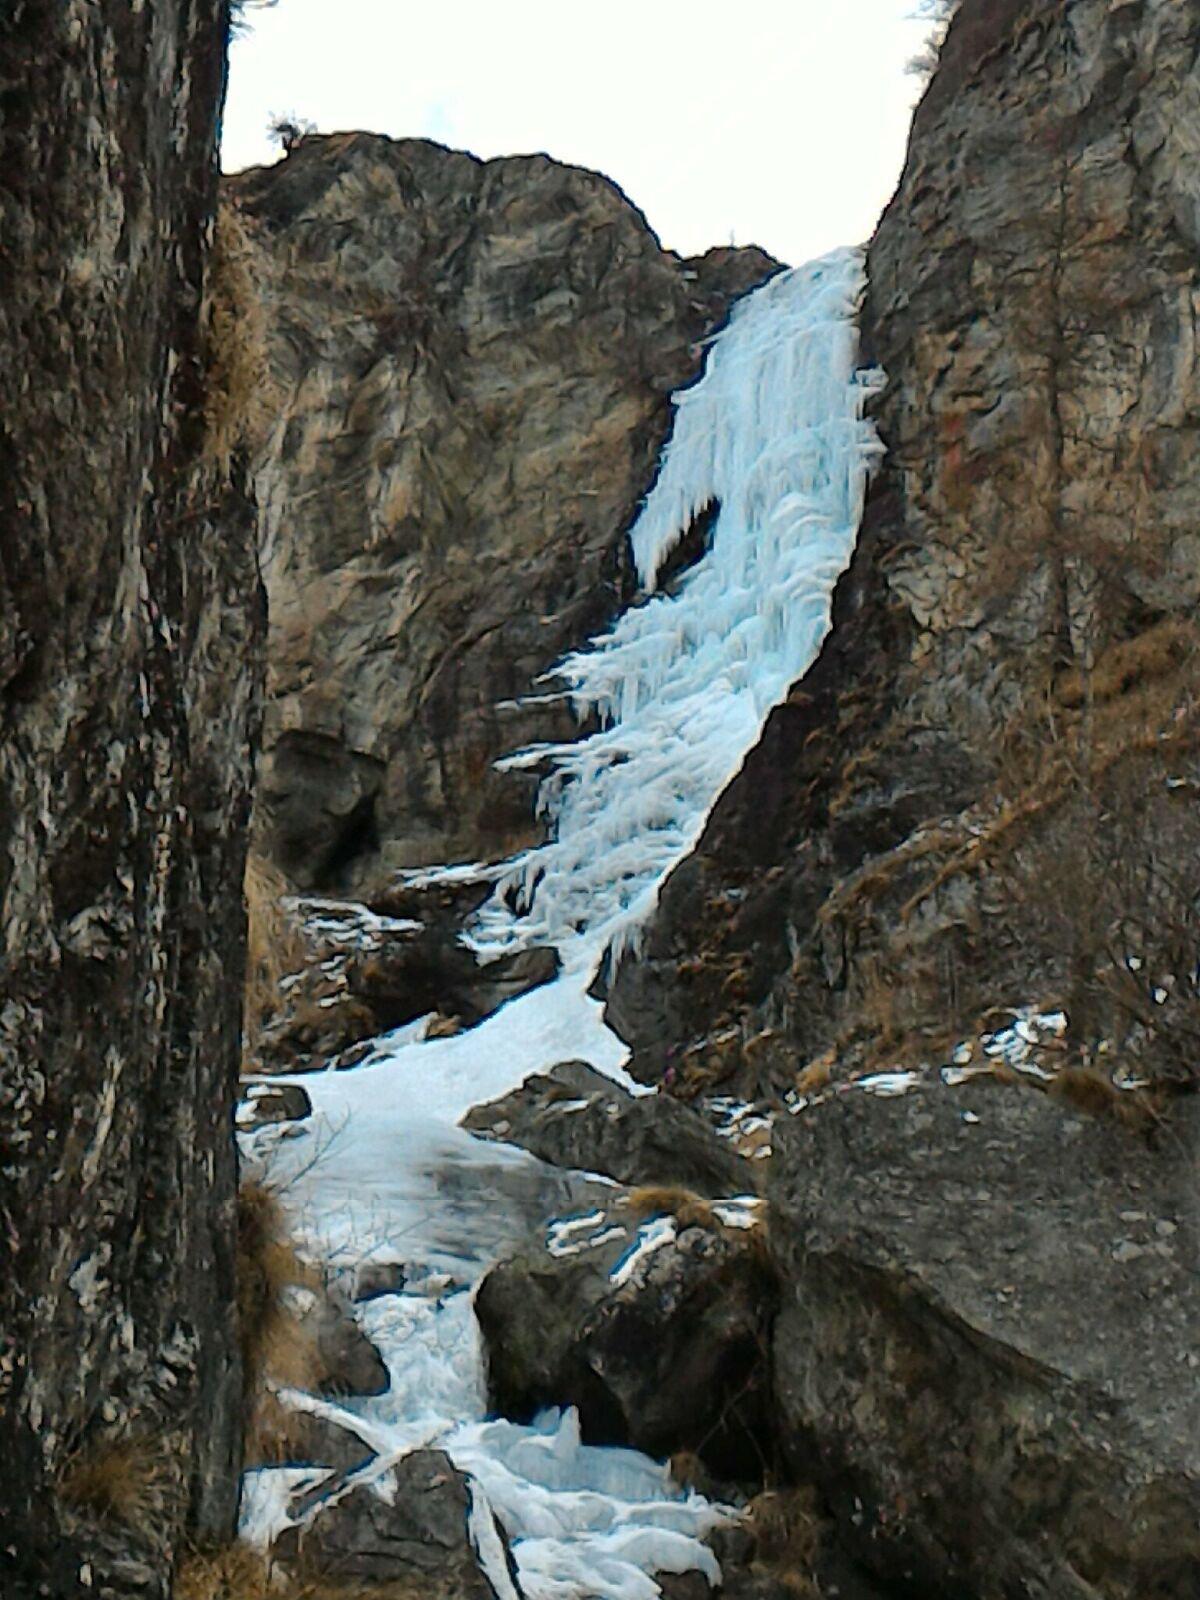 La cascata attuali condizioni